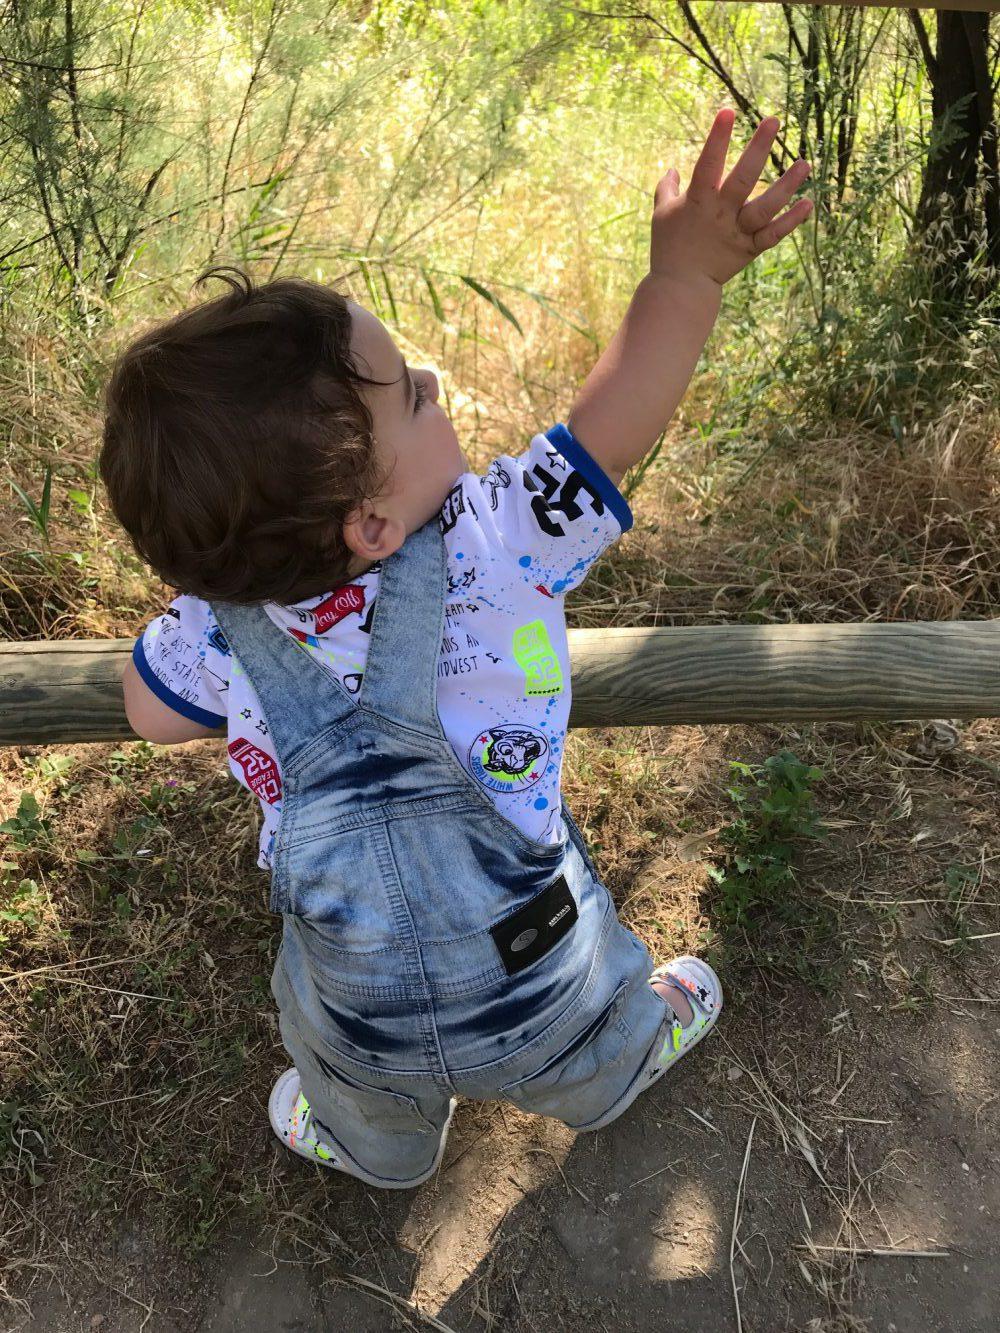 Quando Inizia A Gattonare Neonato come stimolare il bambino a camminare? | falcotto - mamme a